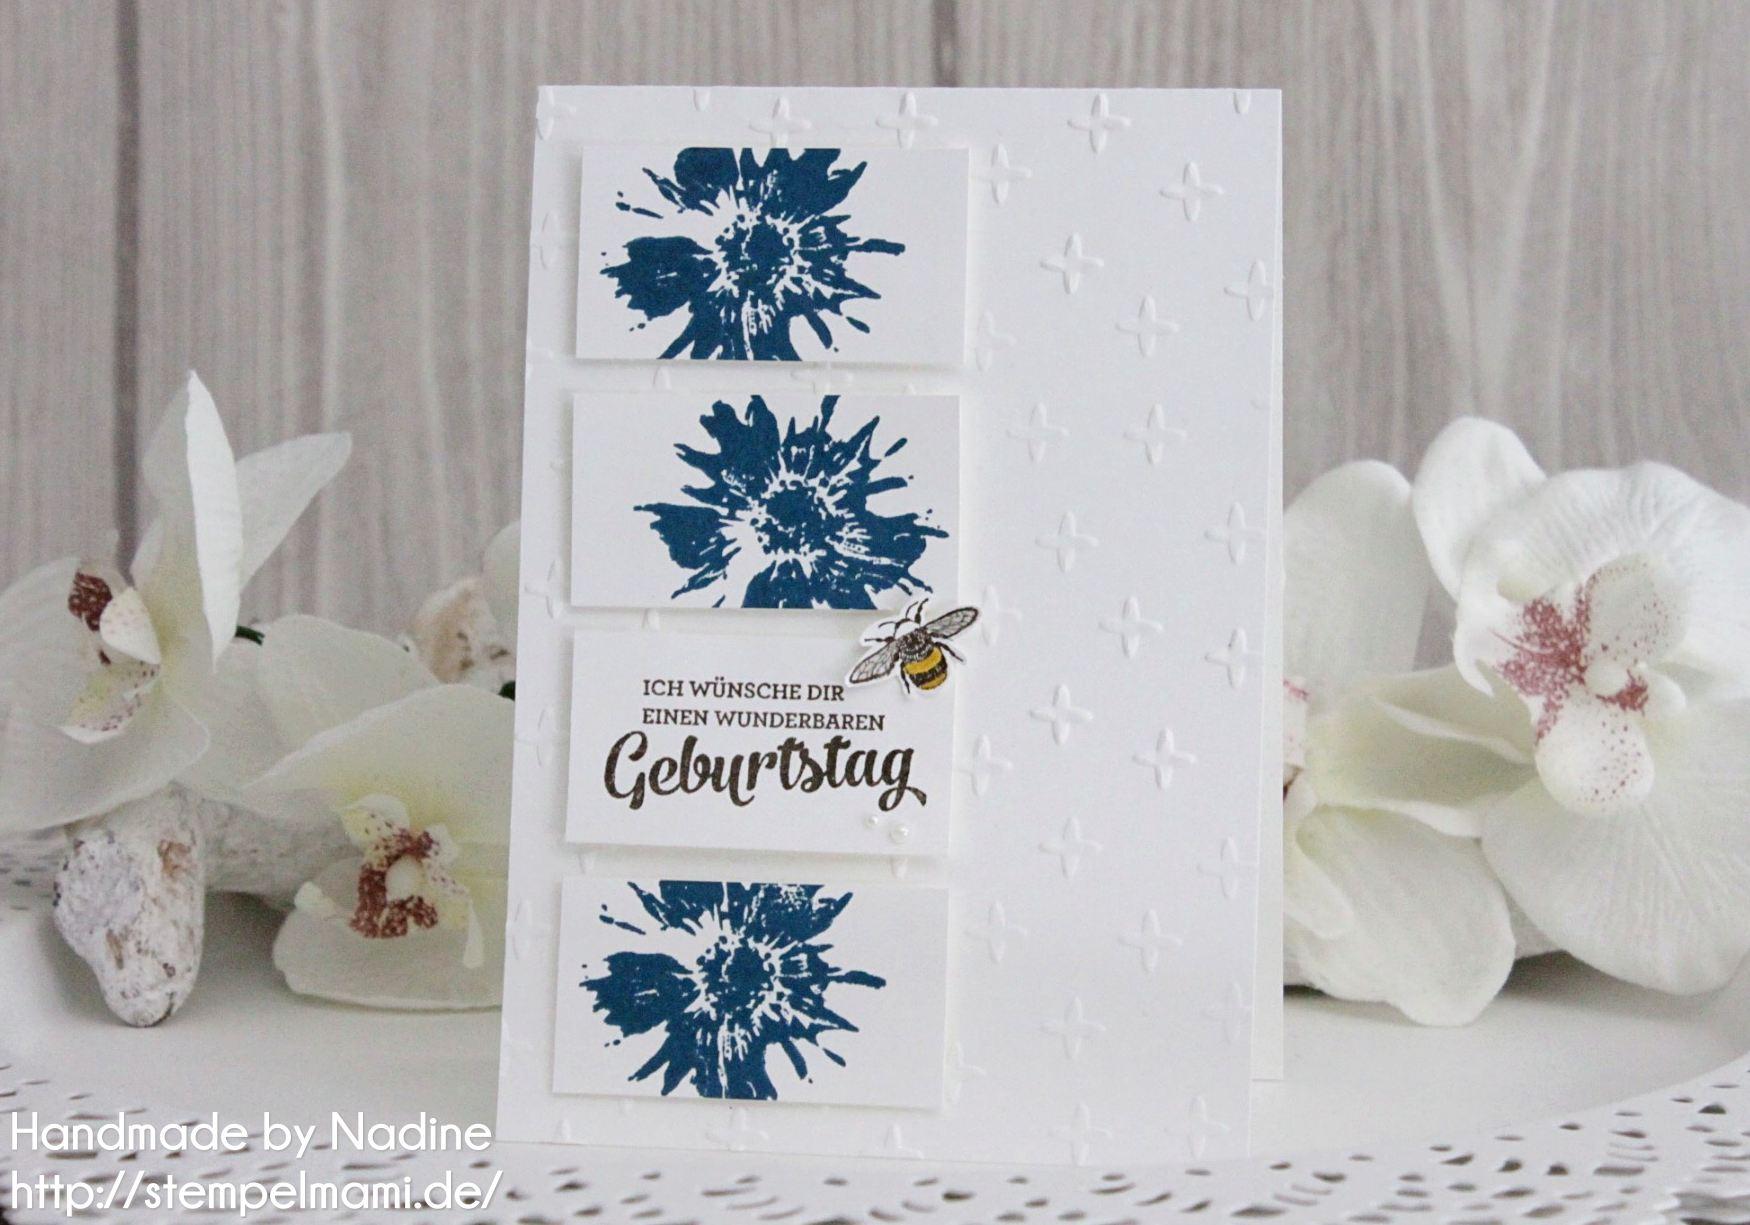 Geburtstagskarten aus papierresten basteln mit stempelmami for Pinterest geburtstagskarte